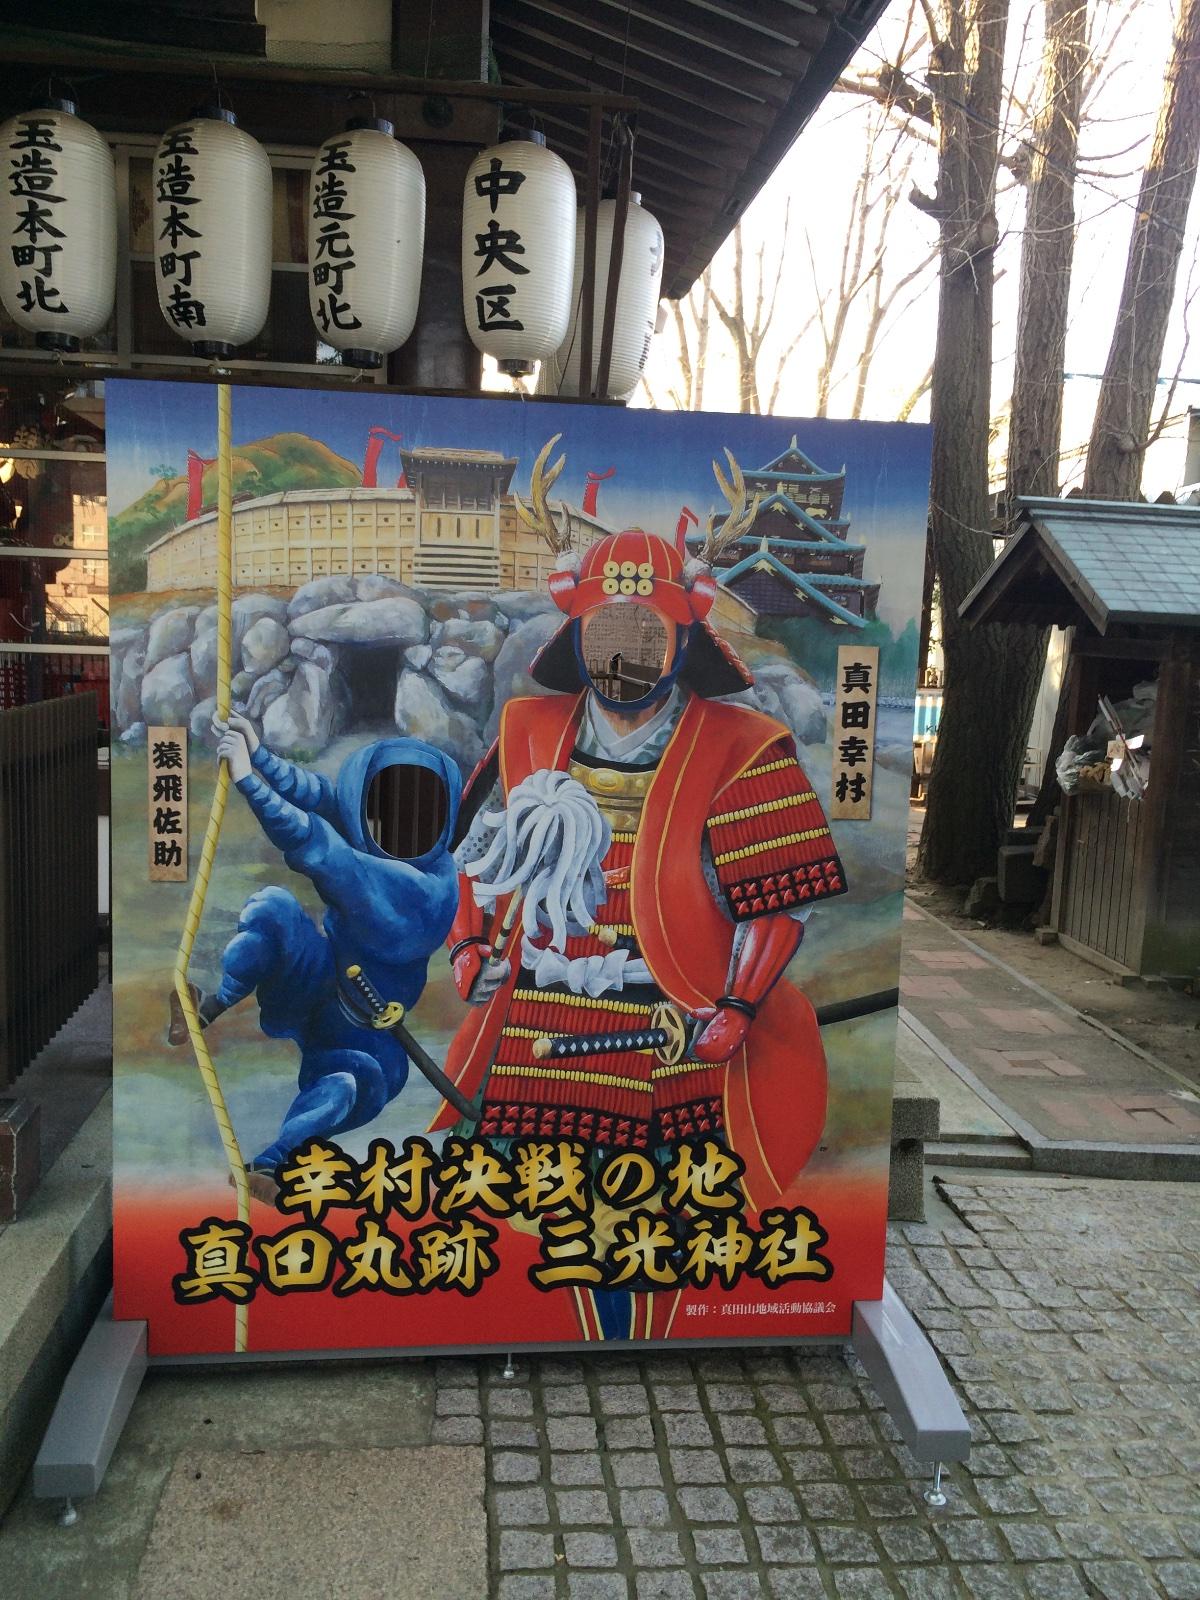 三光神社の顔出し看板、真田幸村・猿飛佐助になってみる